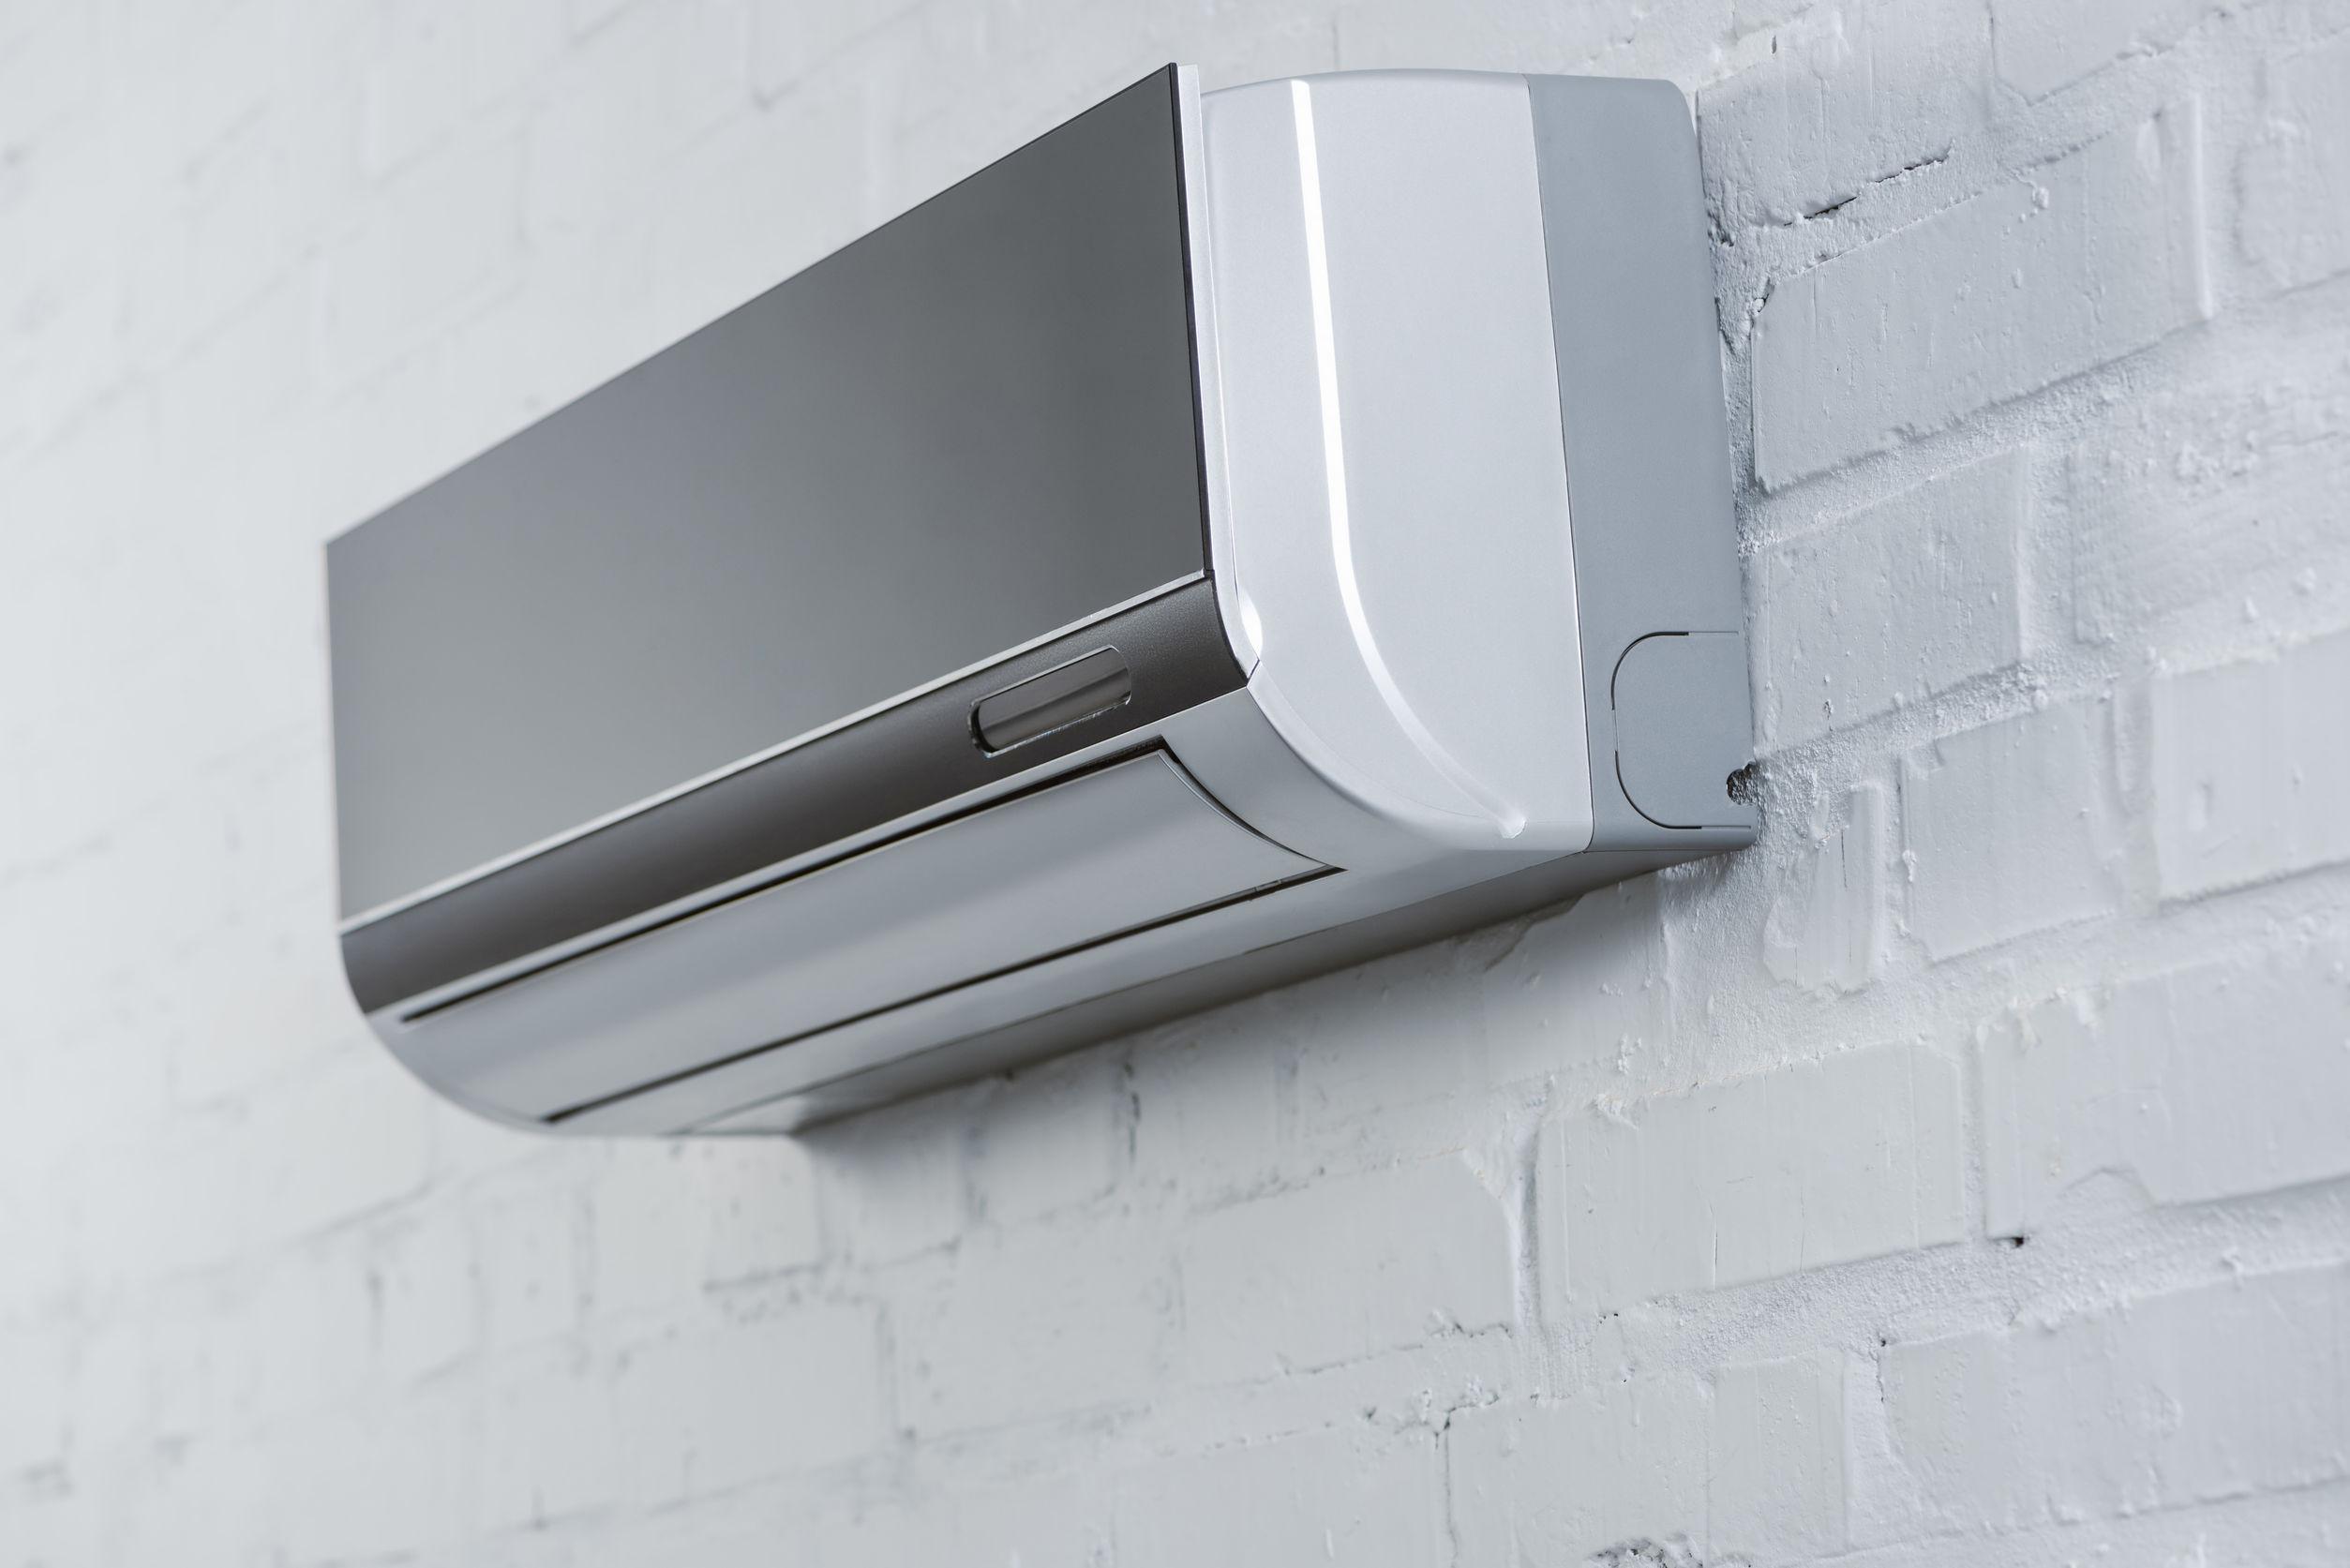 Klimaanlage ohne Abluftschlauch